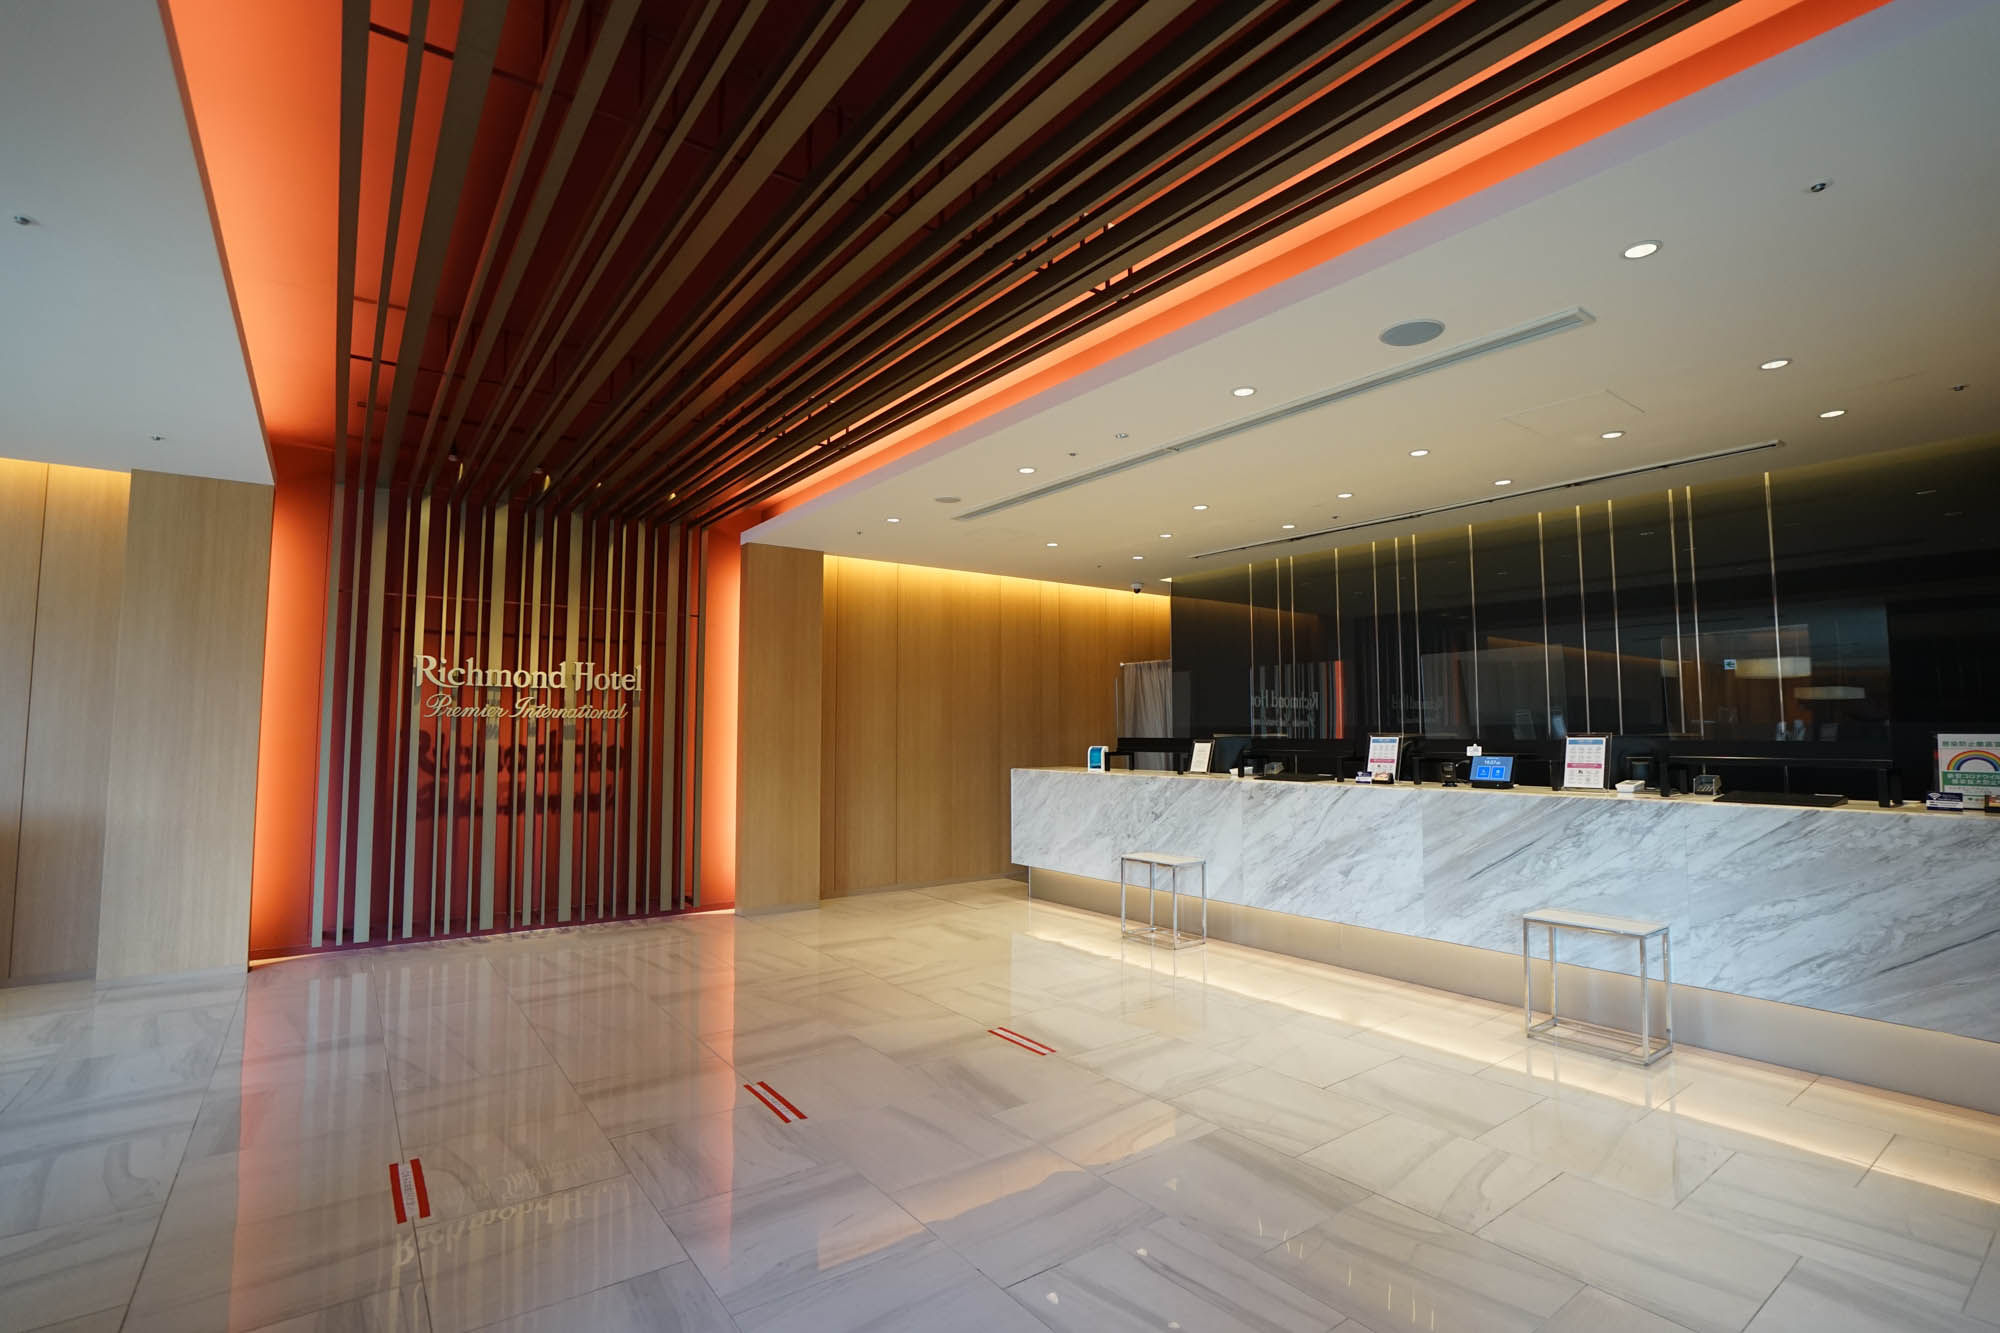 ホテル専用のエレベーターでロビー階へ。和を意識しながらモダンで洗練された空間が広がっています。